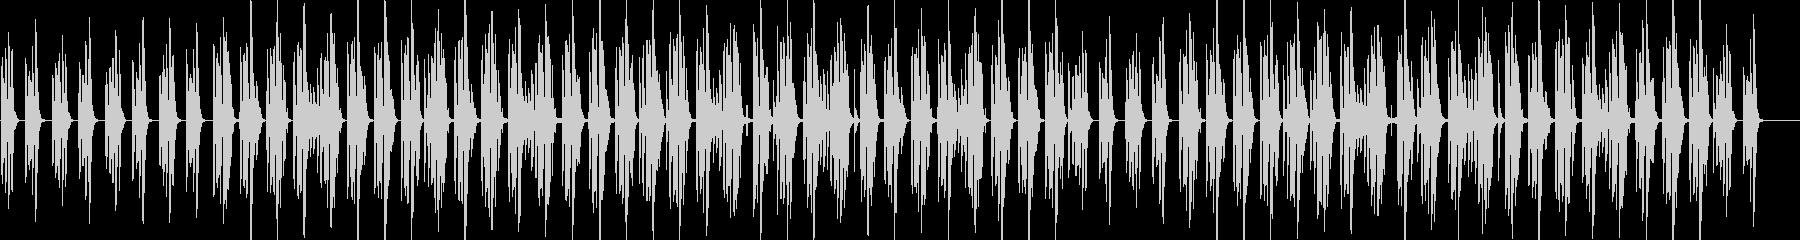 コロコロした音色がかわいい日常系BGMの未再生の波形